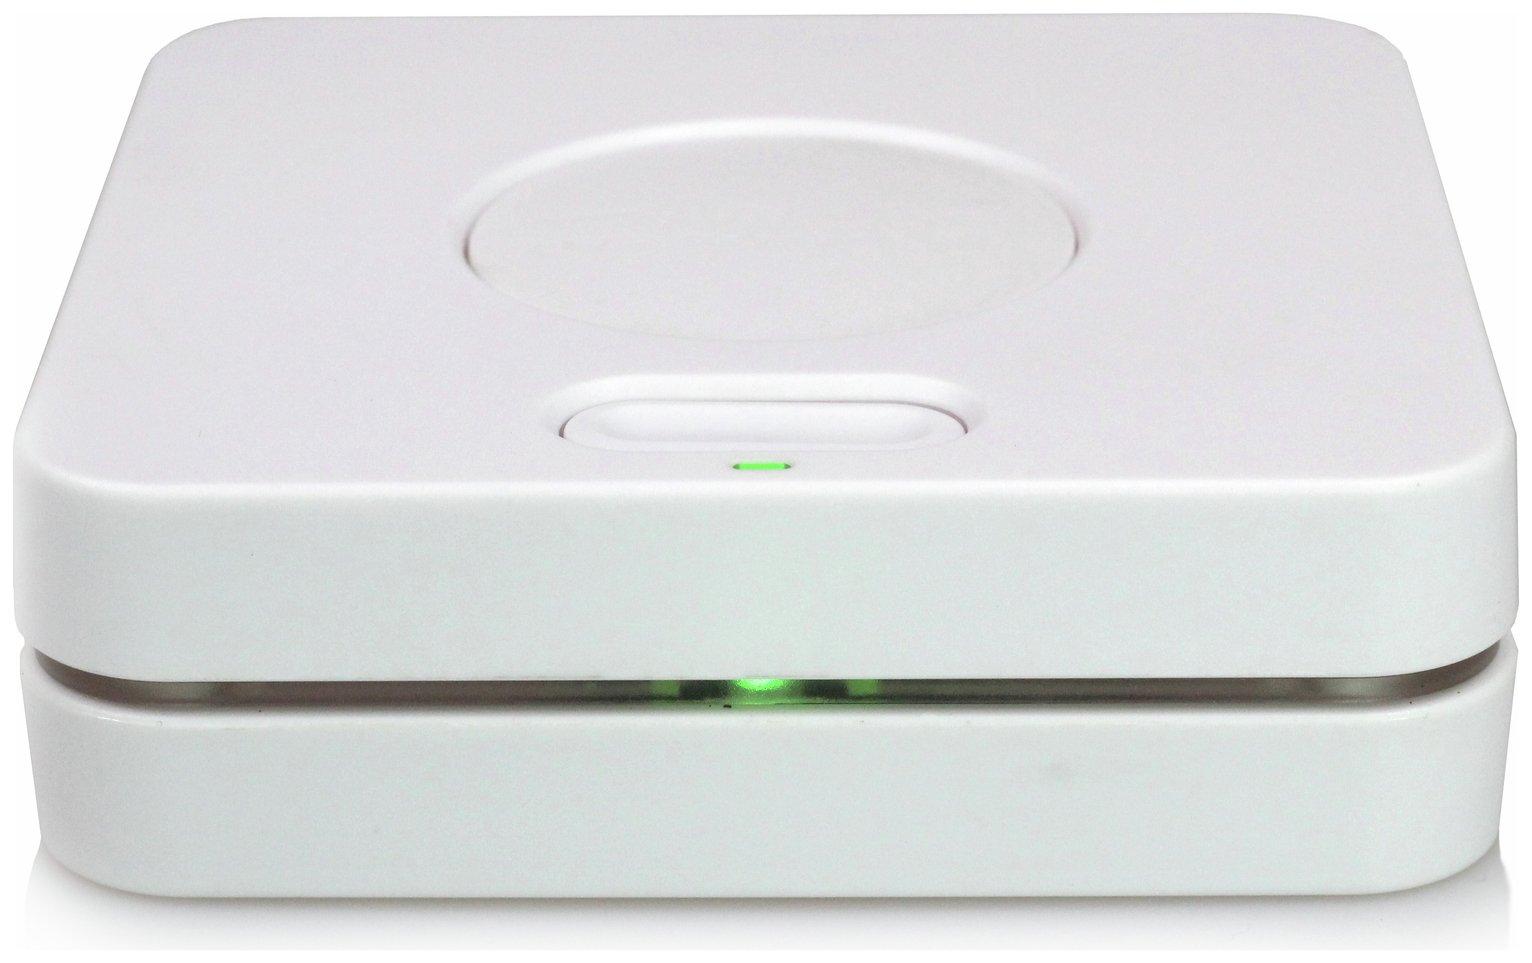 Lightwave RF Wi-Fi Link - White